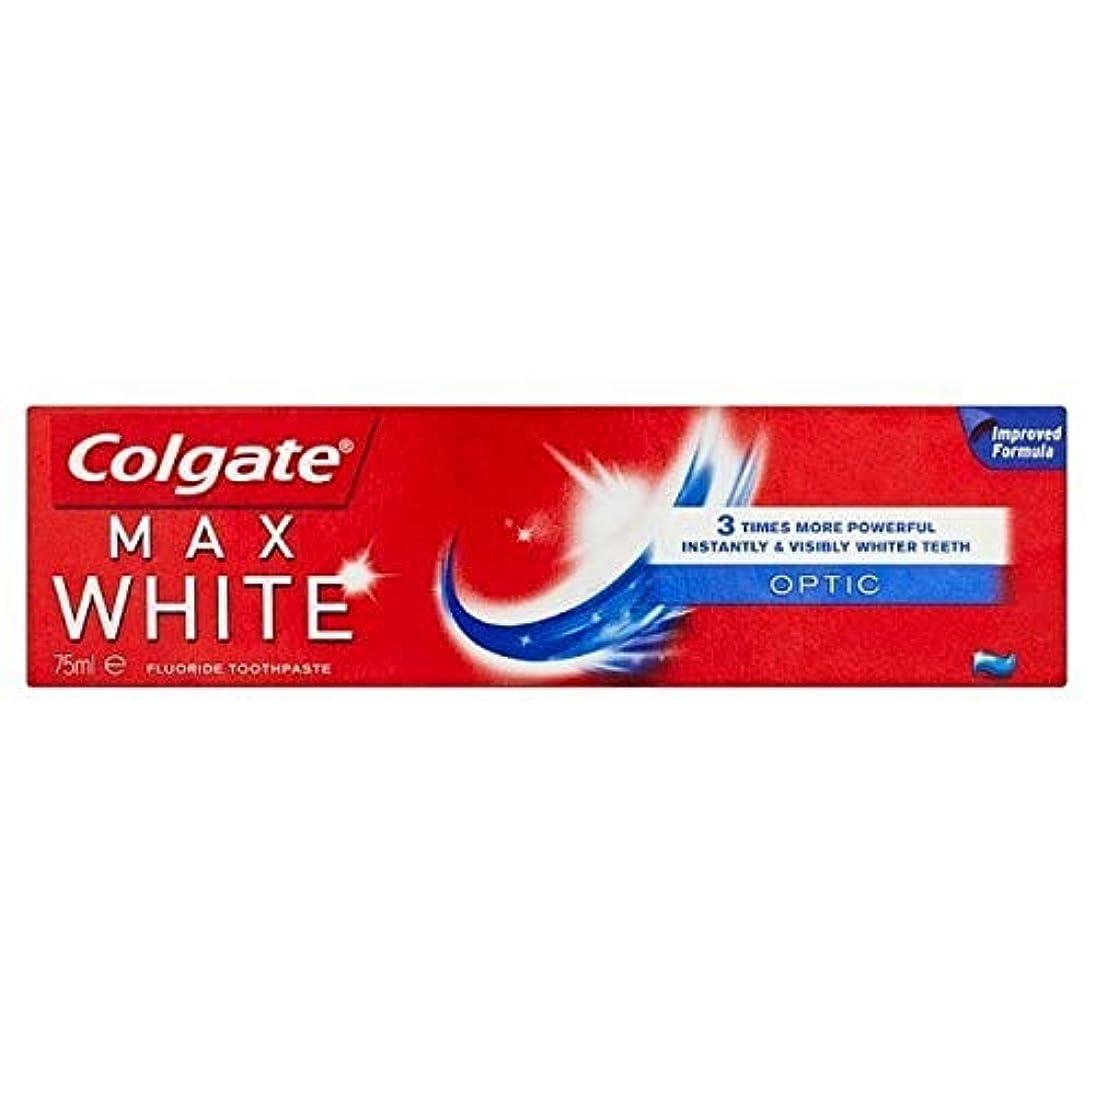 カロリー流用する億[Colgate ] コルゲート最大白い光ホワイトニング歯磨き粉75ミリリットル - Colgate Max White Optic Whitening Toothpaste 75ml [並行輸入品]